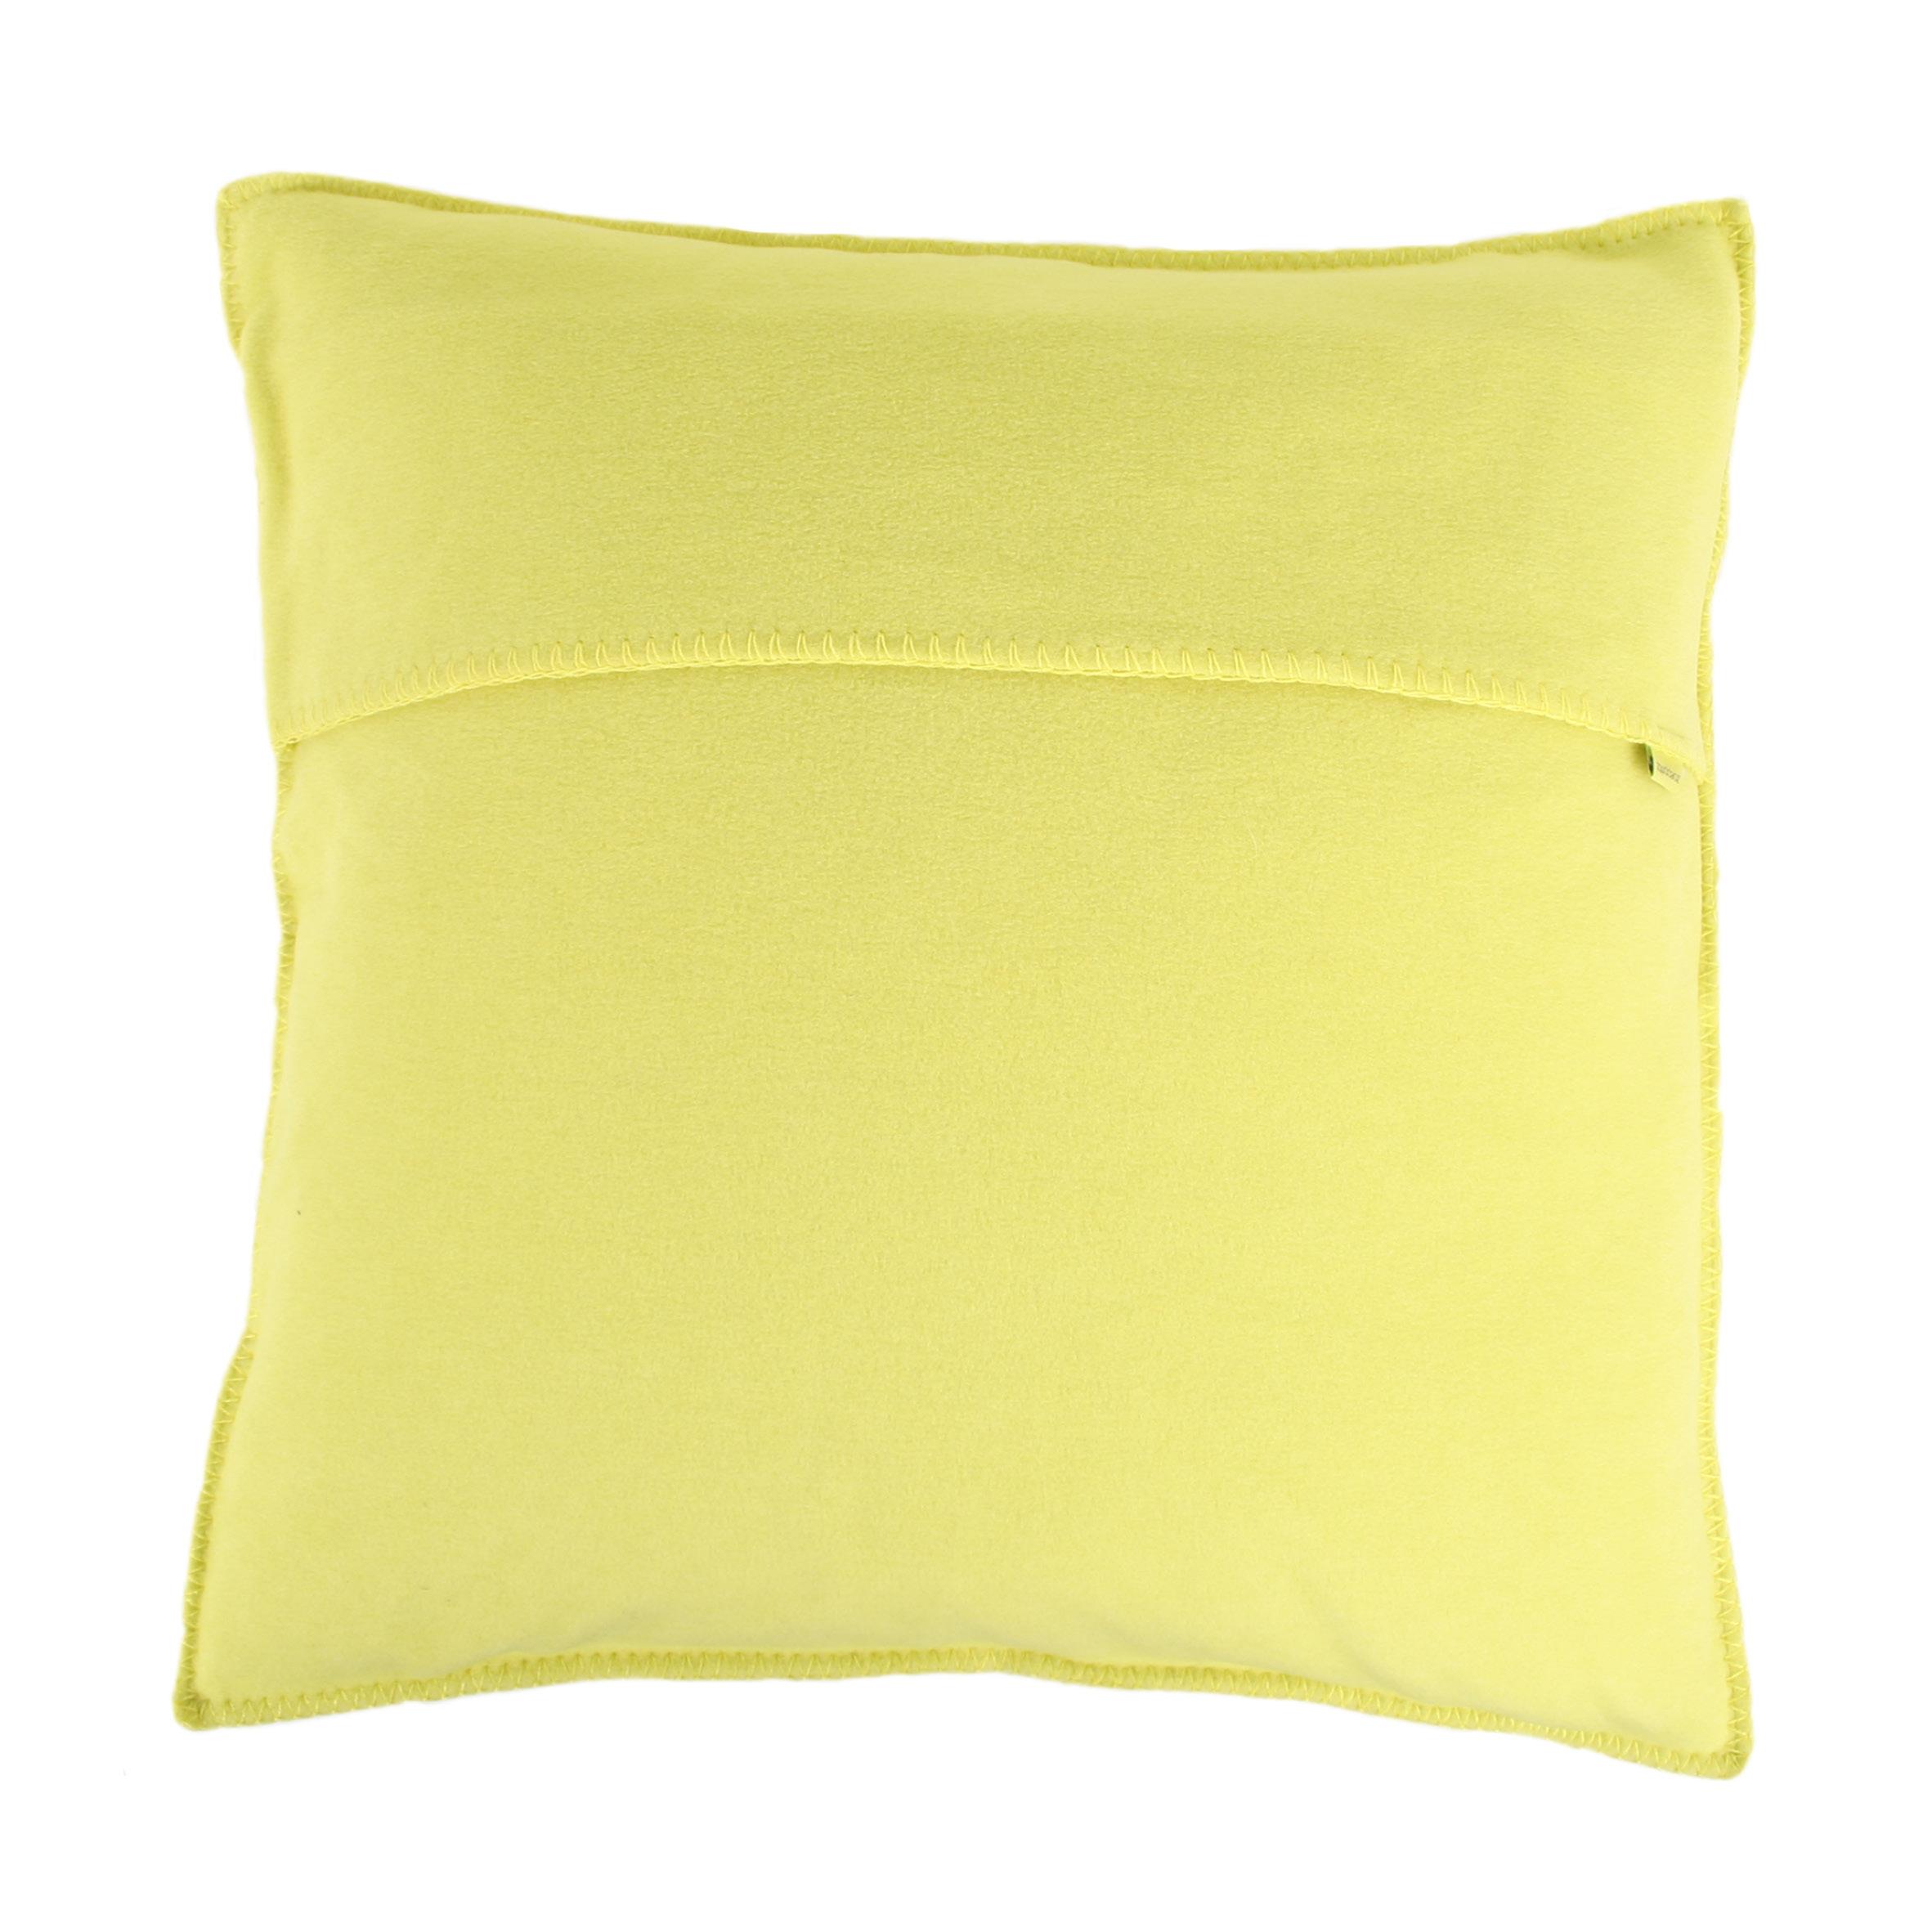 zoeppritz soft fleece kissen 40x40 lime 2 er set zoeppritz decken querpass shop. Black Bedroom Furniture Sets. Home Design Ideas